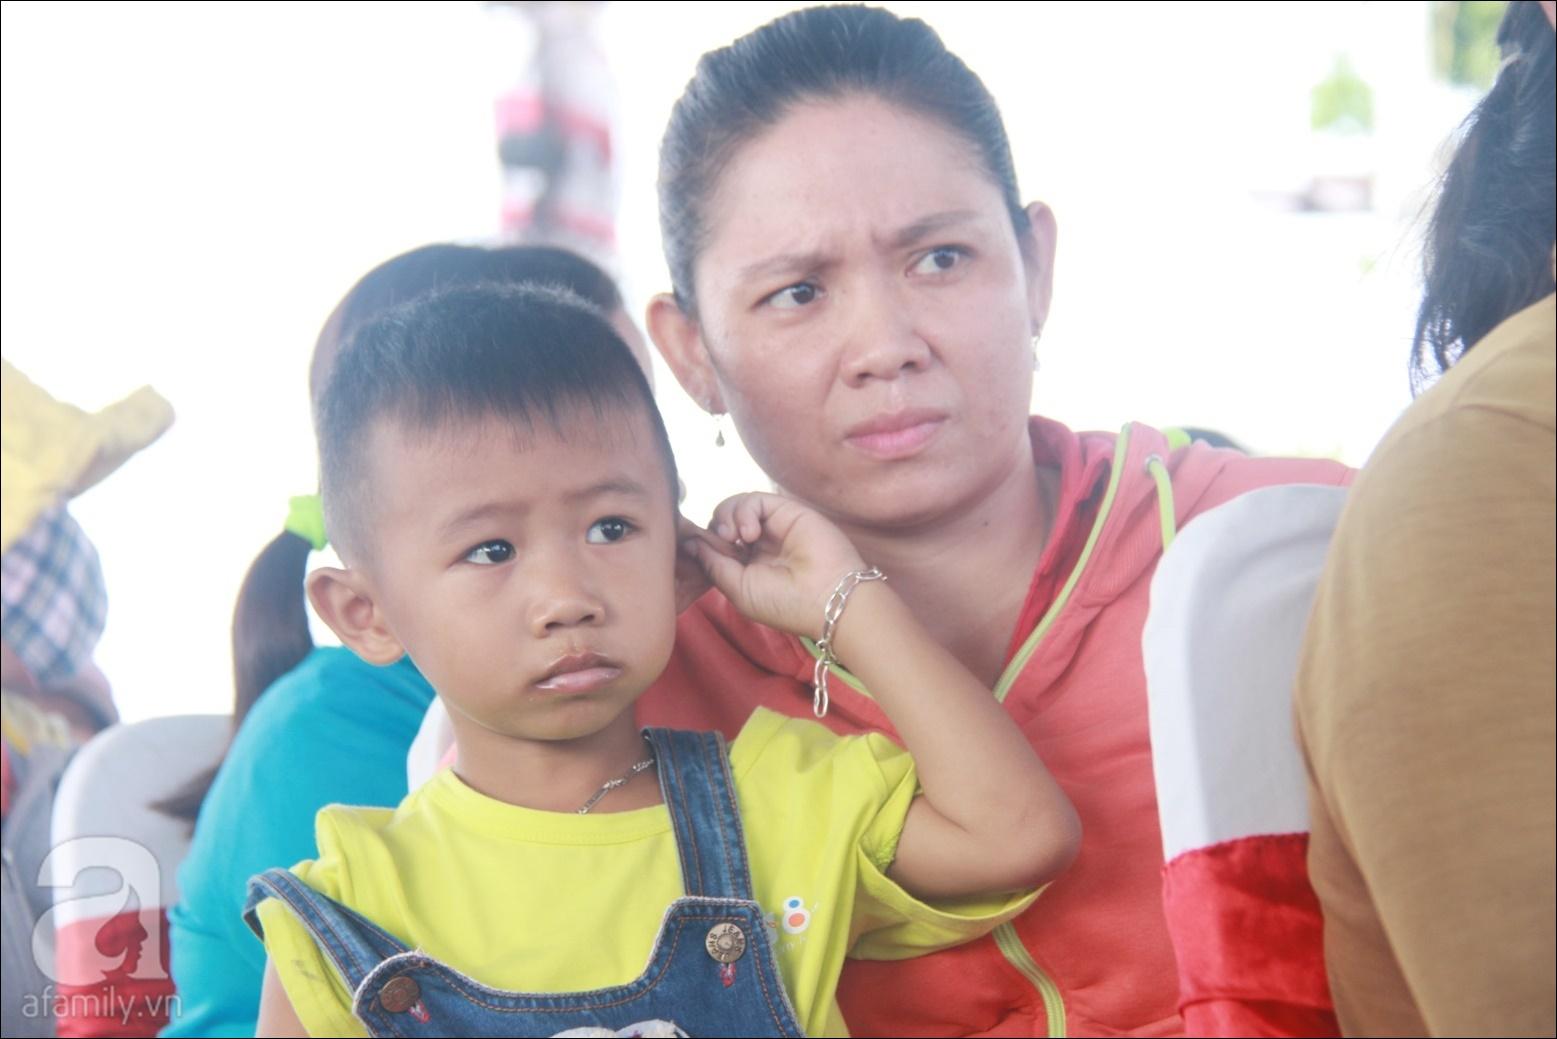 Lần đầu tiên, hàng trăm trẻ em nghèo ở Long An được xem phim,